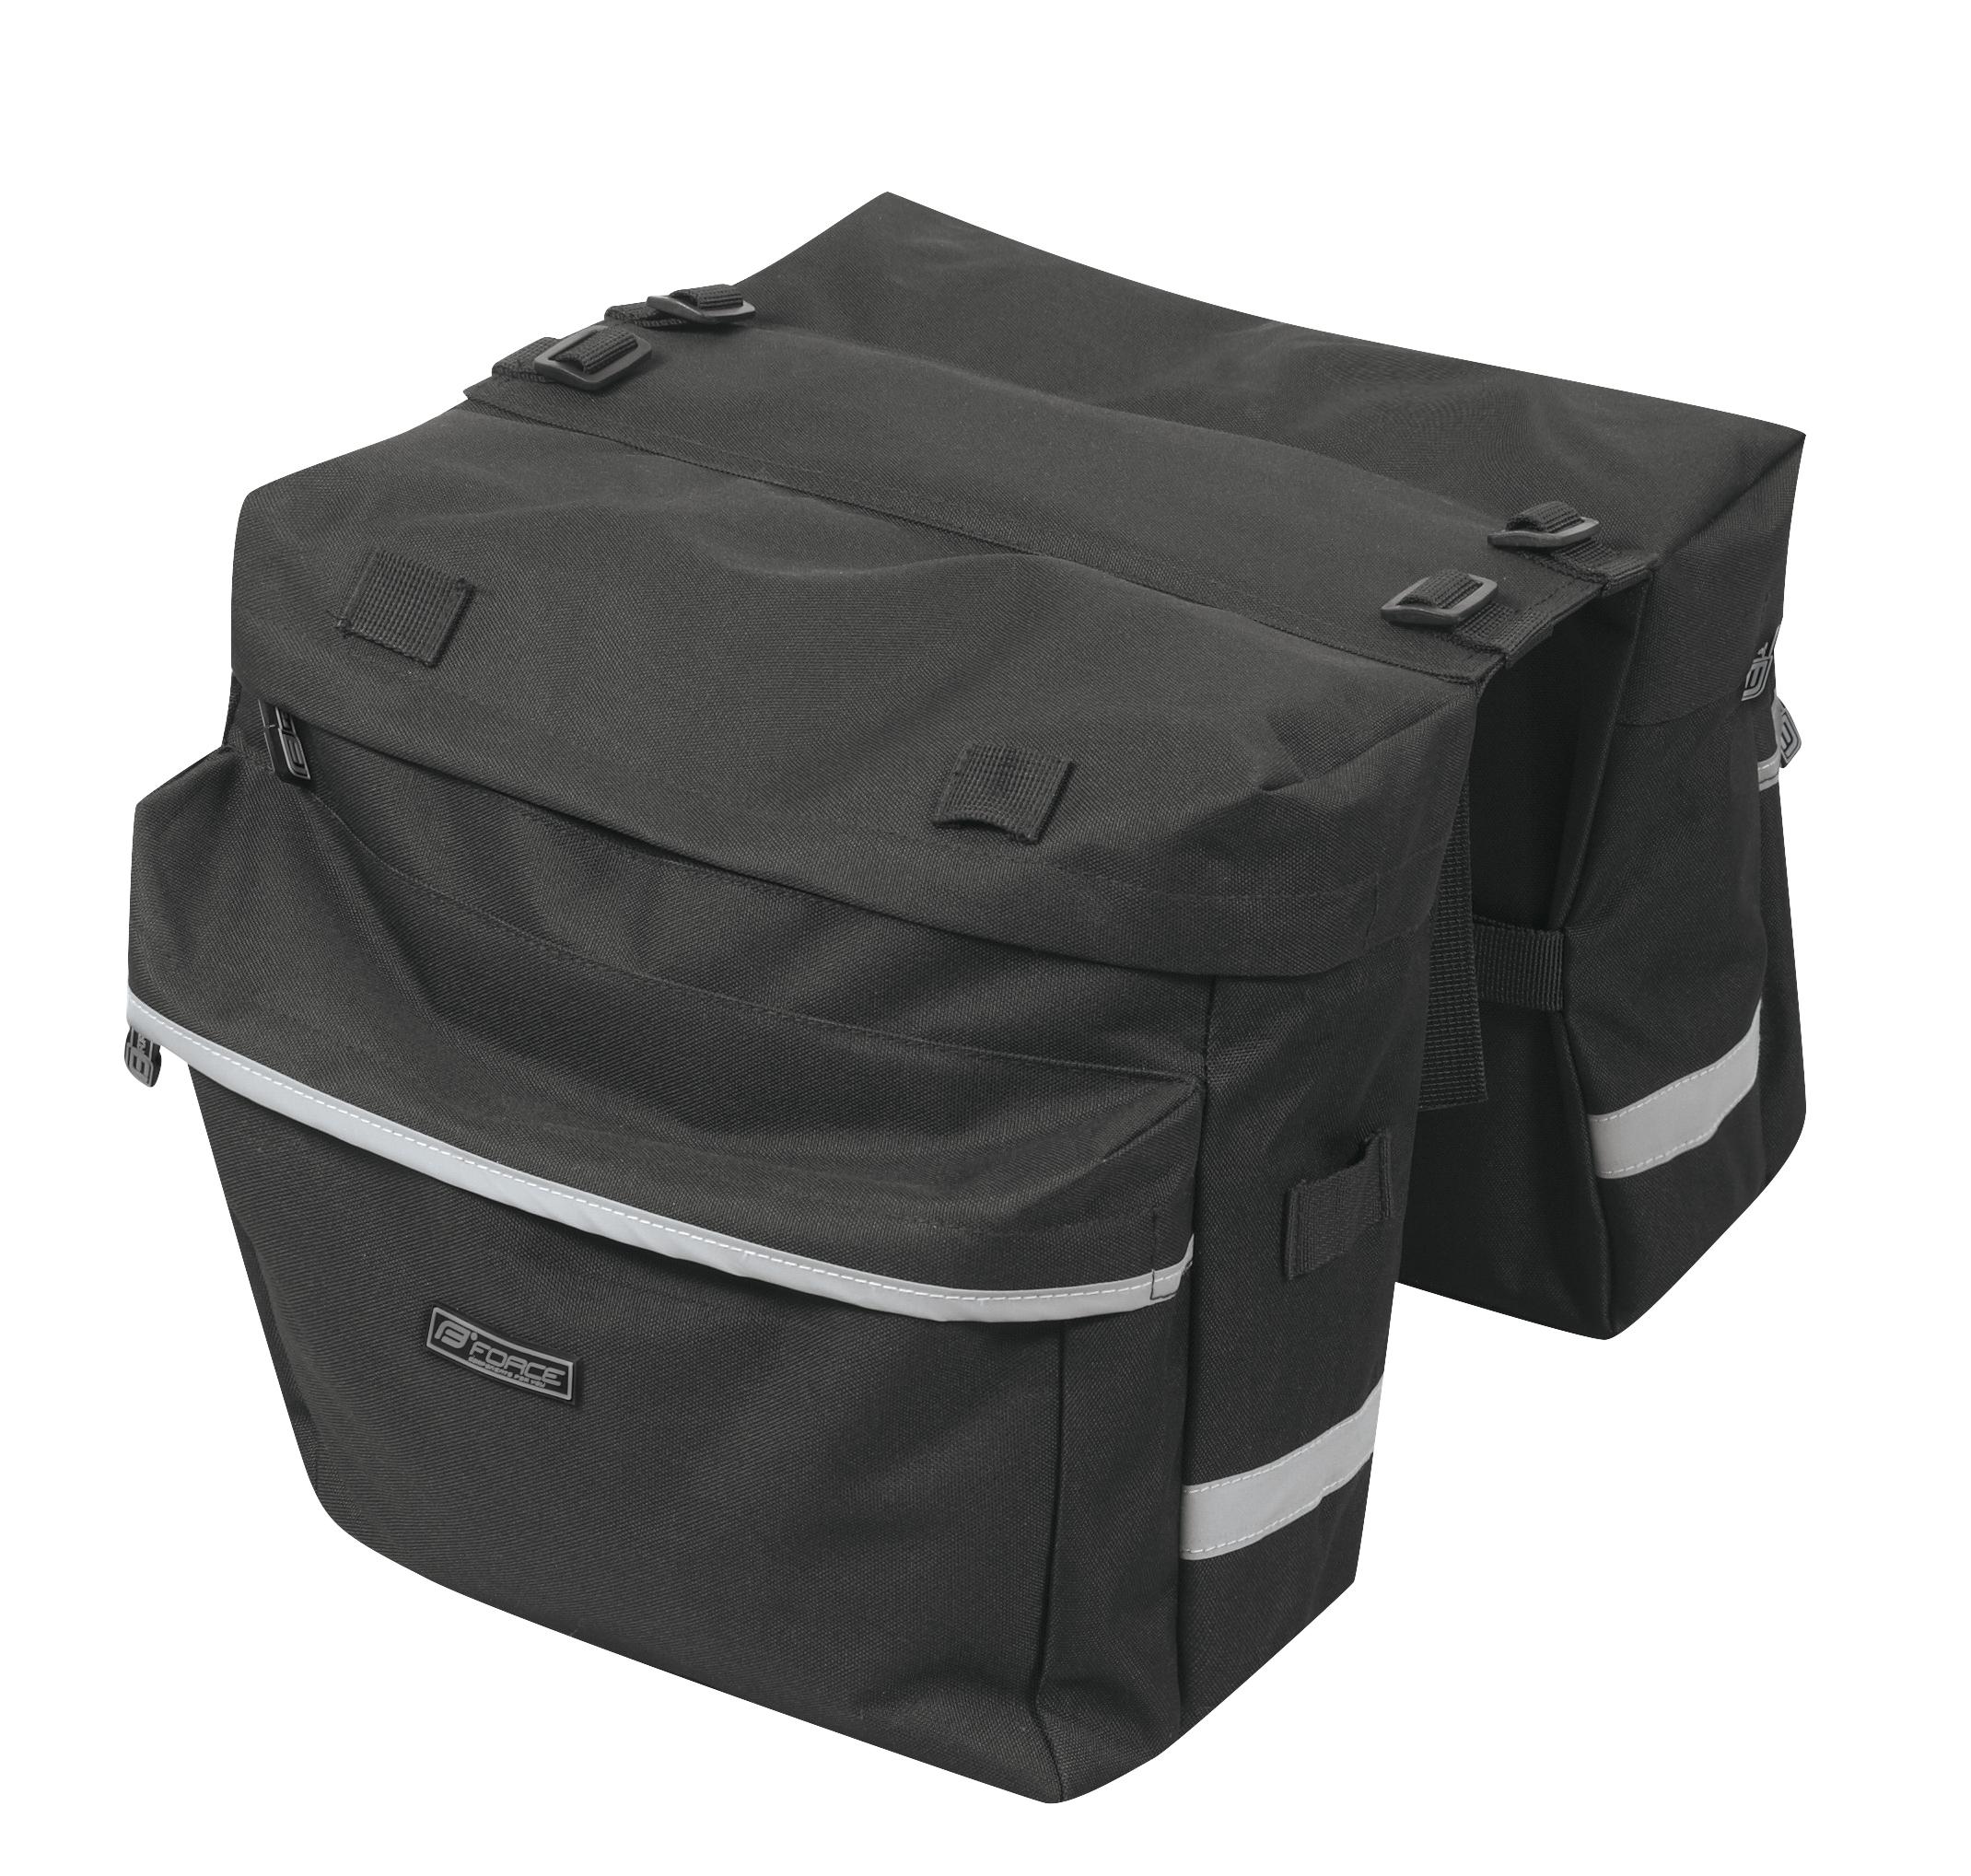 brašna-dvojbrašna zadní FORCE DOUBLE, černá 2x10 l